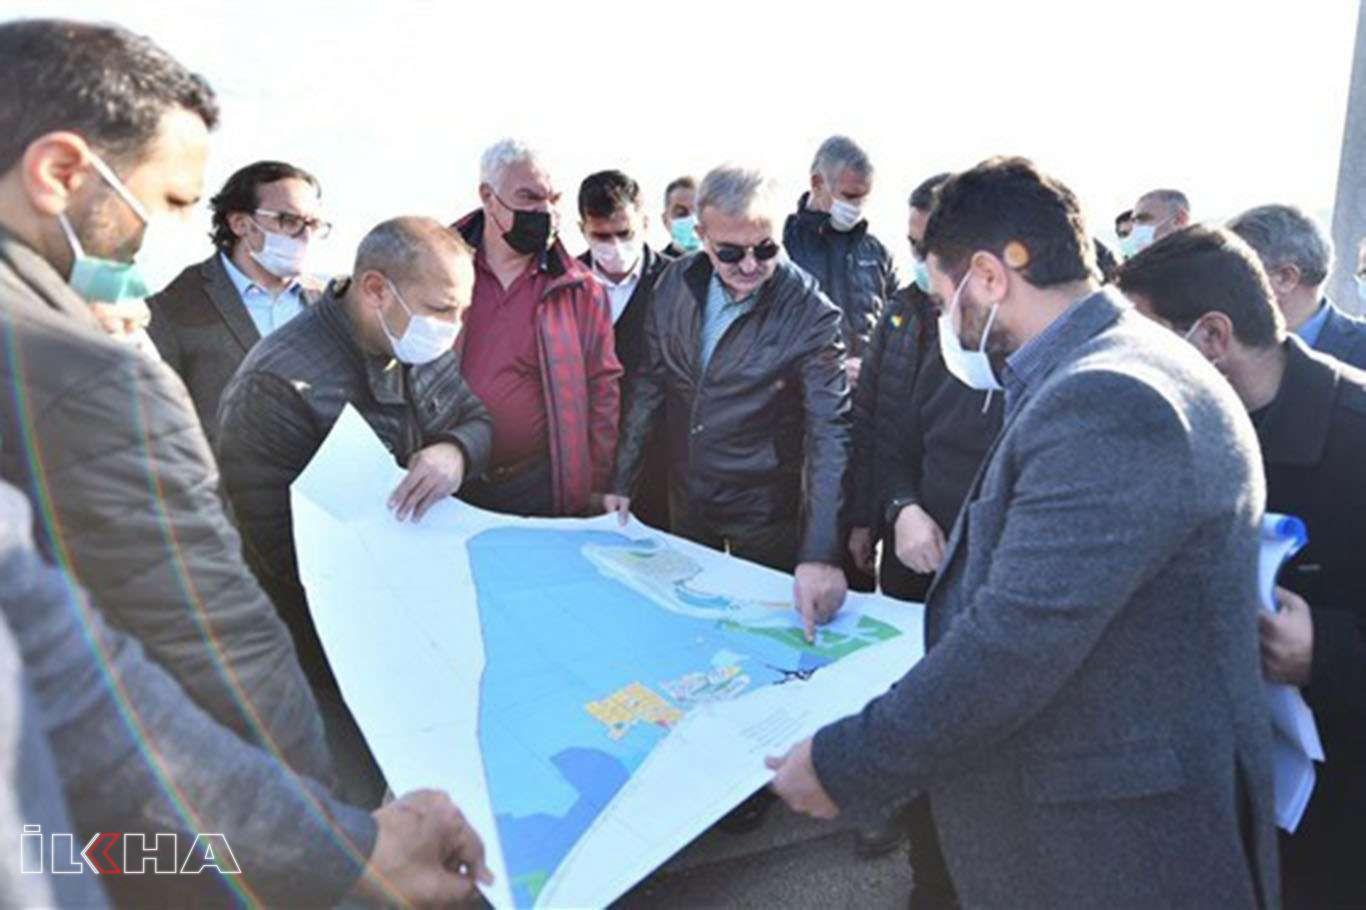 Diyarbakır Valisi, sosyal donatılarla Diyarbakırı Dicle ile buluşturacaklarını söyledi